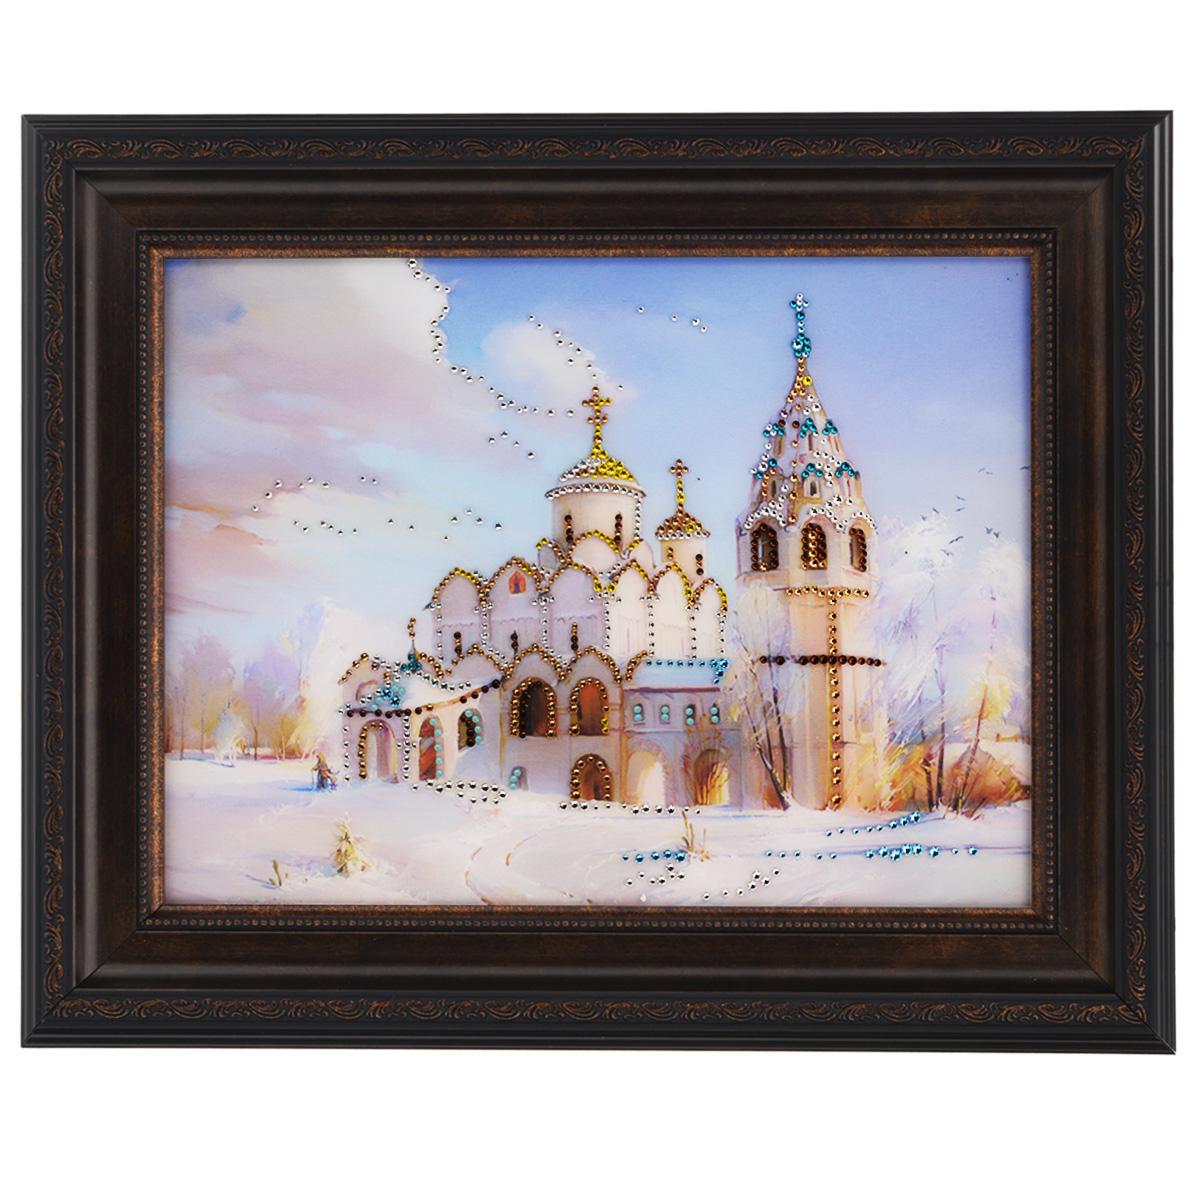 Картина с кристаллами Swarovski Церковь, 50 х 40 см1414Изящная картина в багетной раме, инкрустирована кристаллами Swarovski, которые отличаются четкой и ровной огранкой, ярким блеском и чистотой цвета. Красочное изображение церкови, расположенное под стеклом, прекрасно дополняет блеск кристаллов. С обратной стороны имеется металлическая проволока для размещения картины на стене. Картина с кристаллами Swarovski Церковь элегантно украсит интерьер дома или офиса, а также станет прекрасным подарком, который обязательно понравится получателю. Блеск кристаллов в интерьере, что может быть сказочнее и удивительнее. Картина упакована в подарочную картонную коробку синего цвета и комплектуется сертификатом соответствия Swarovski.